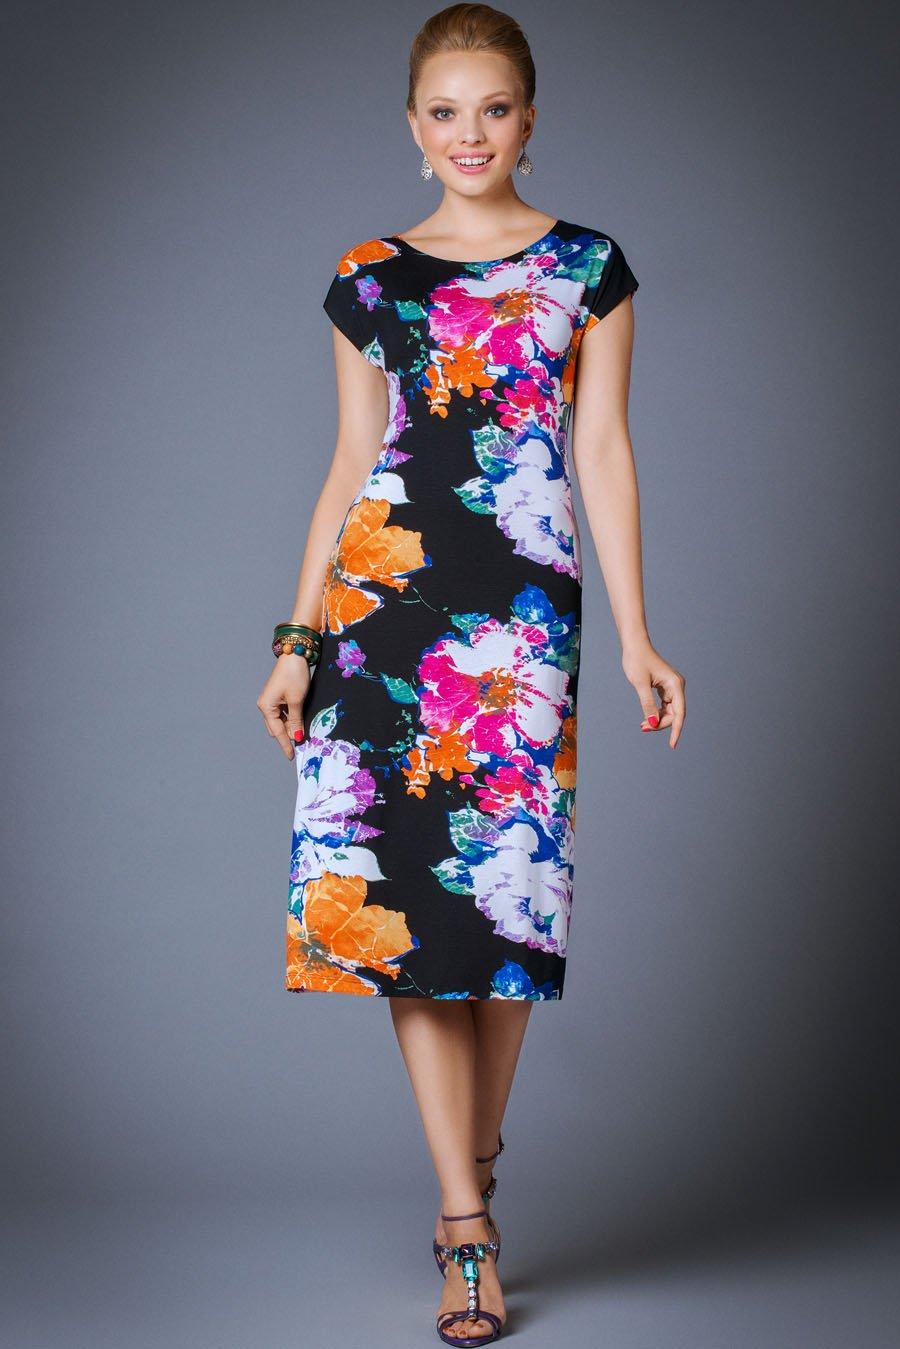 Платья с цветочным принтом: 35 фото. С чем носить платья с